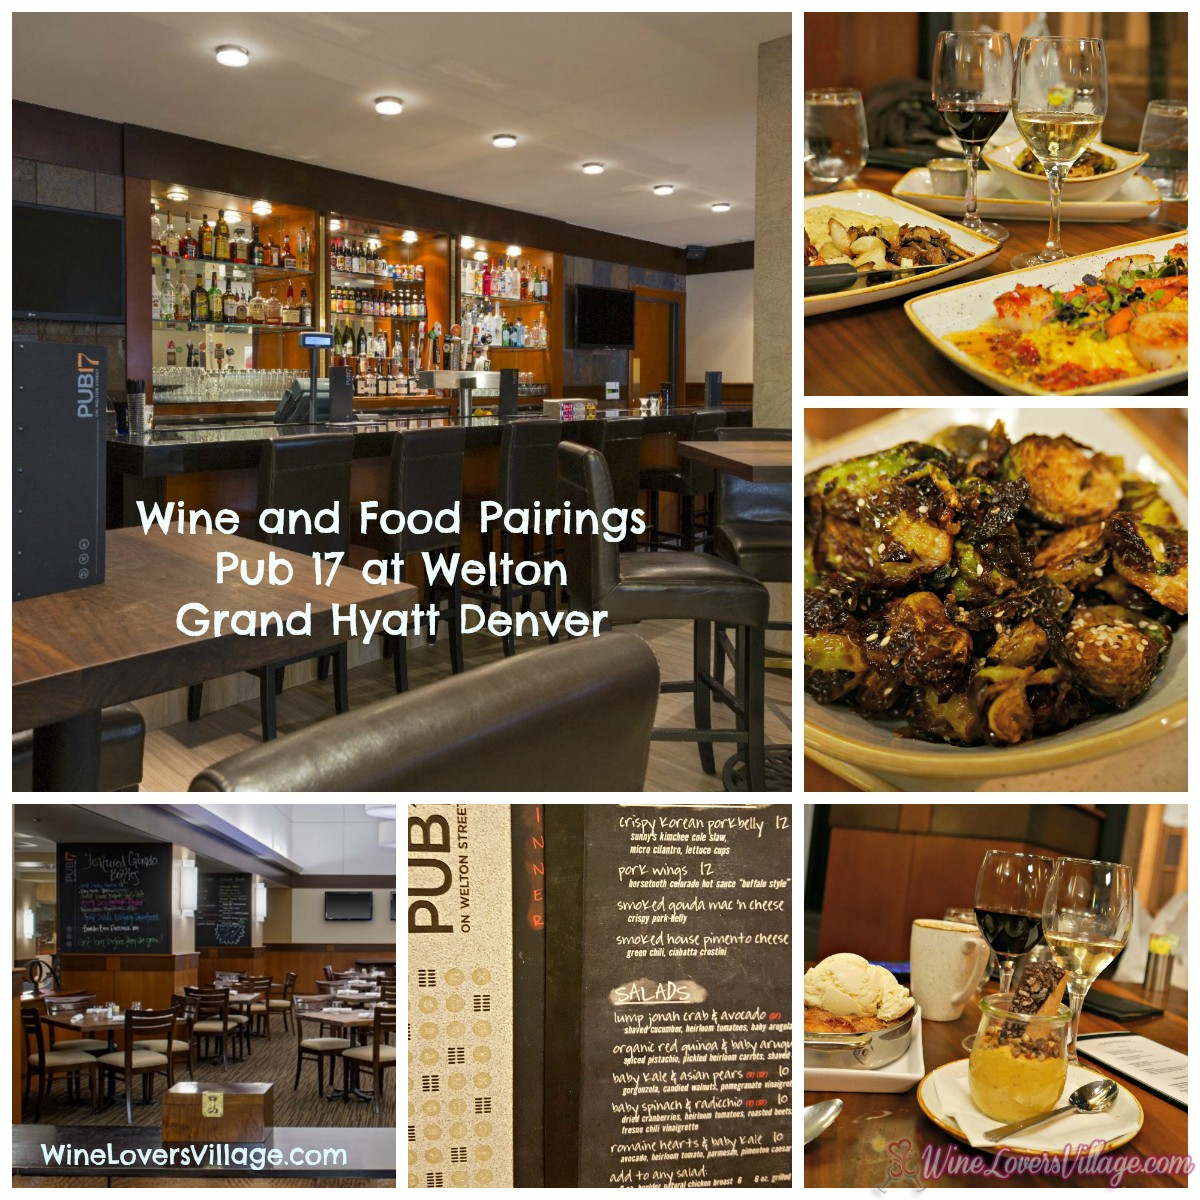 Wine and food pairings at downtown restaurant Denver's Pub 17 on Welton, Grand Hyatt Denver.